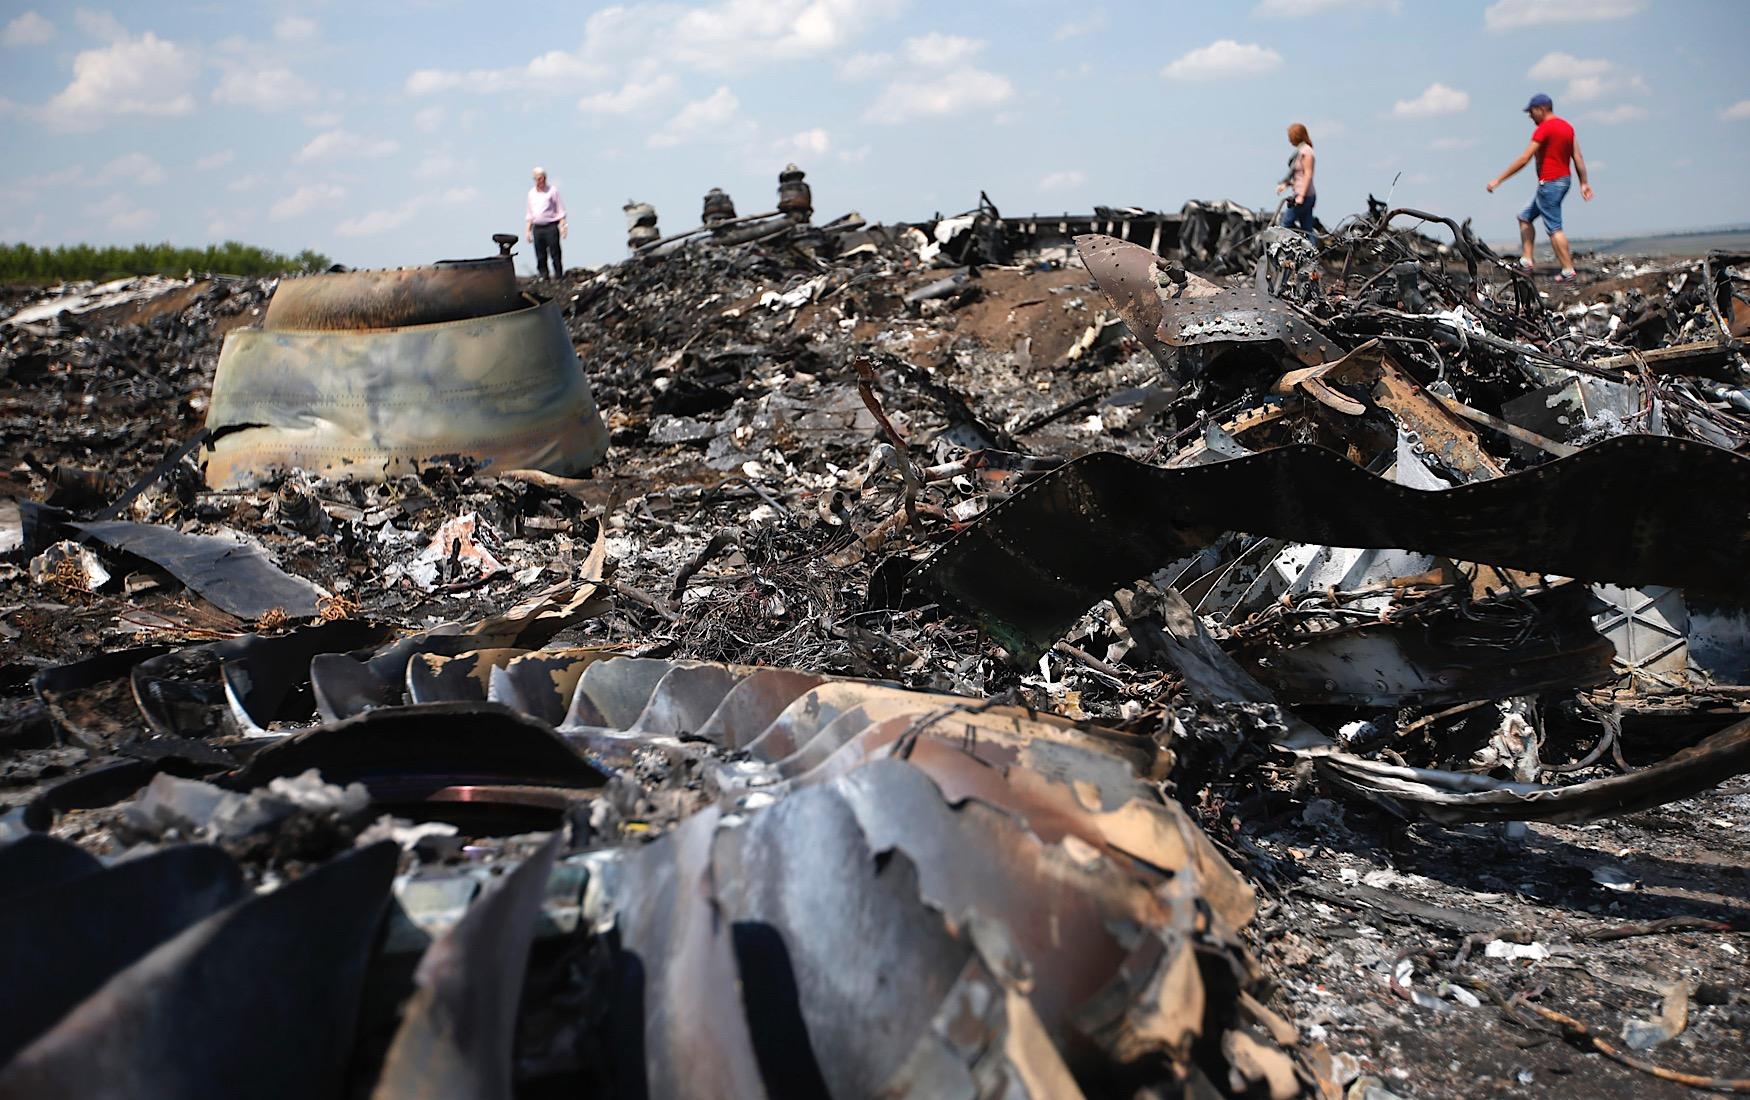 Йозеф Реш: Имена виновных в катастрофе MH17 известны и будут обнародованы